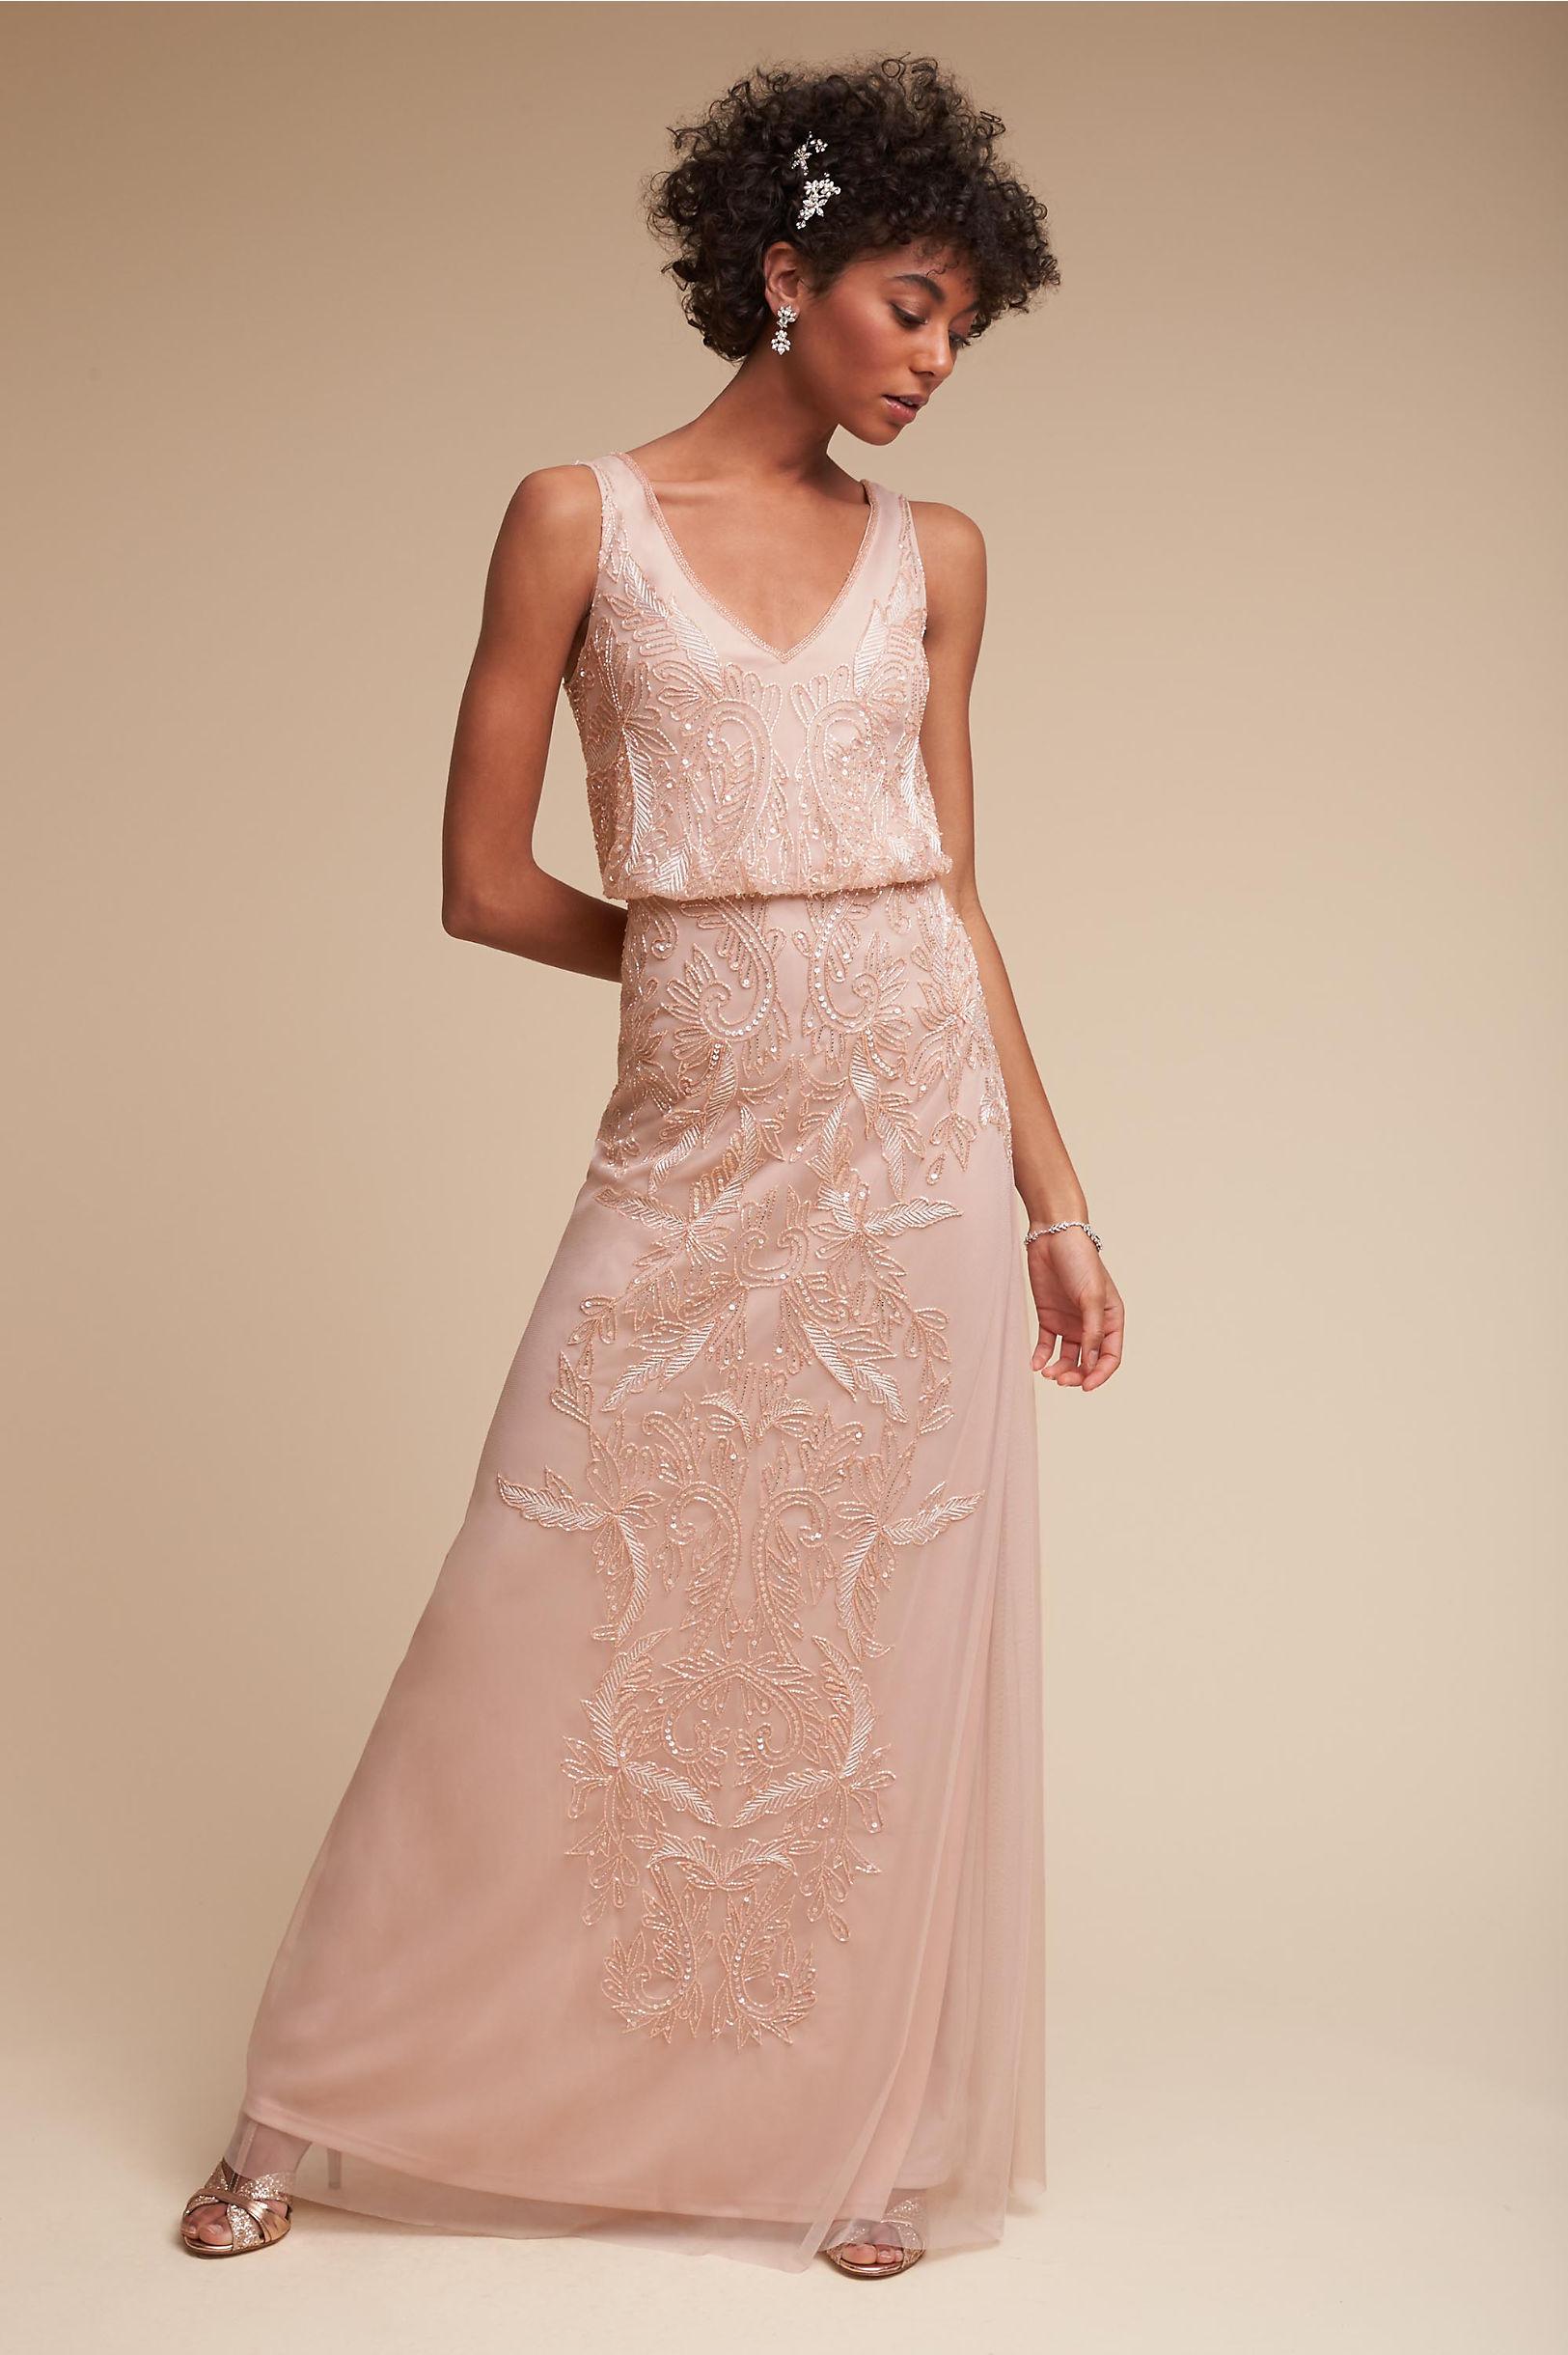 Bridesmaid Dresses | Vintage Bridesmaid Dresses | BHLDN